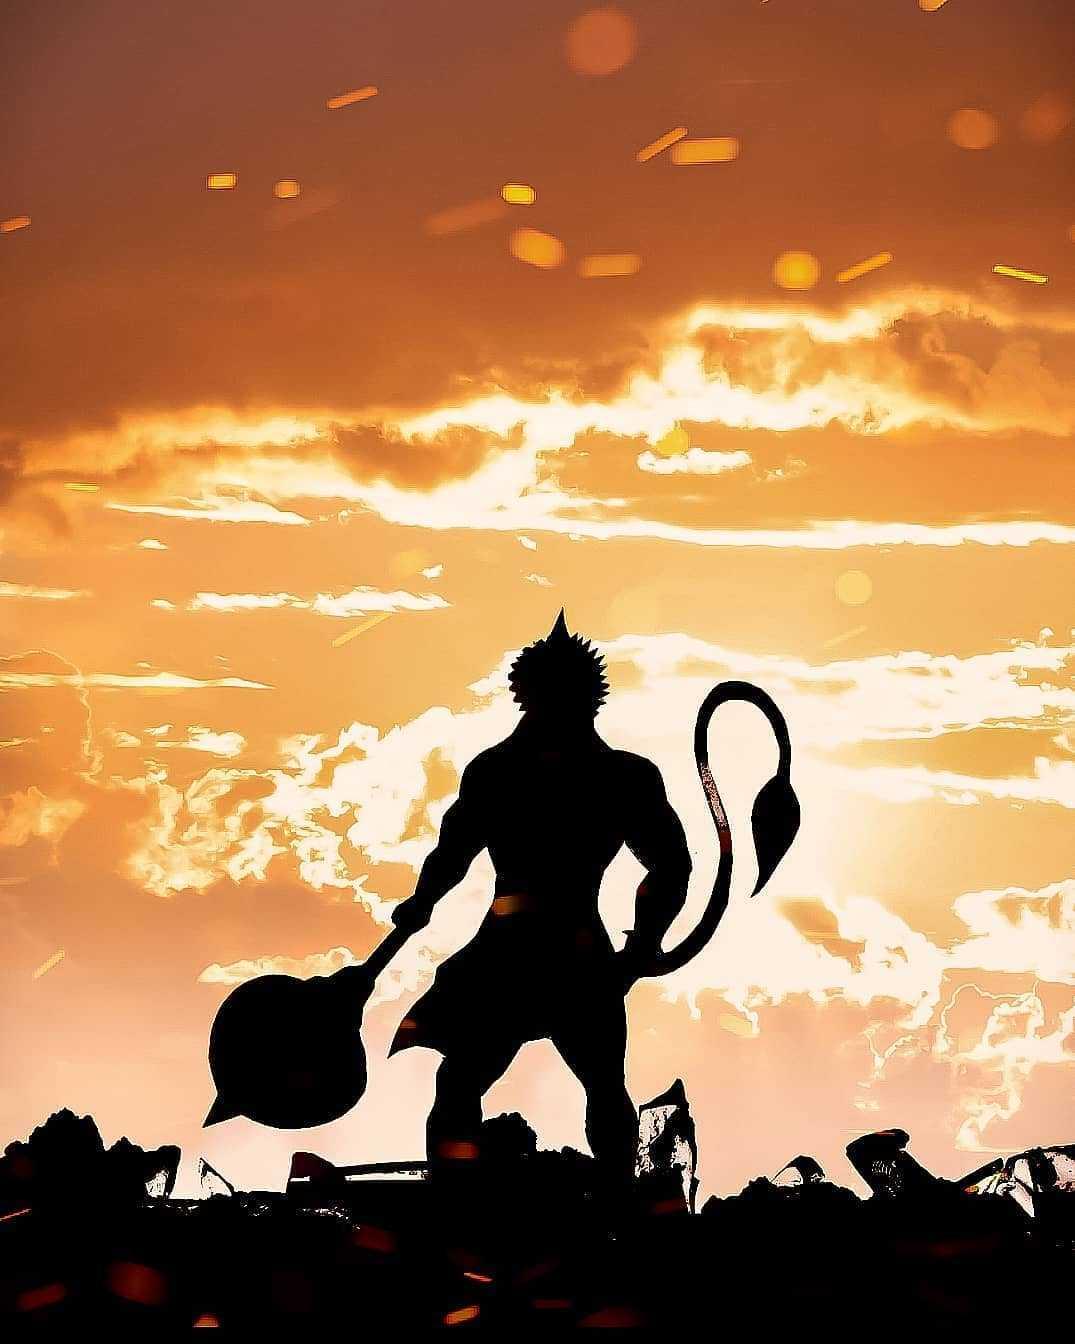 Shri Balaji Hanuman with Gada Image - Shri Balaji Hanuman with Gada Image